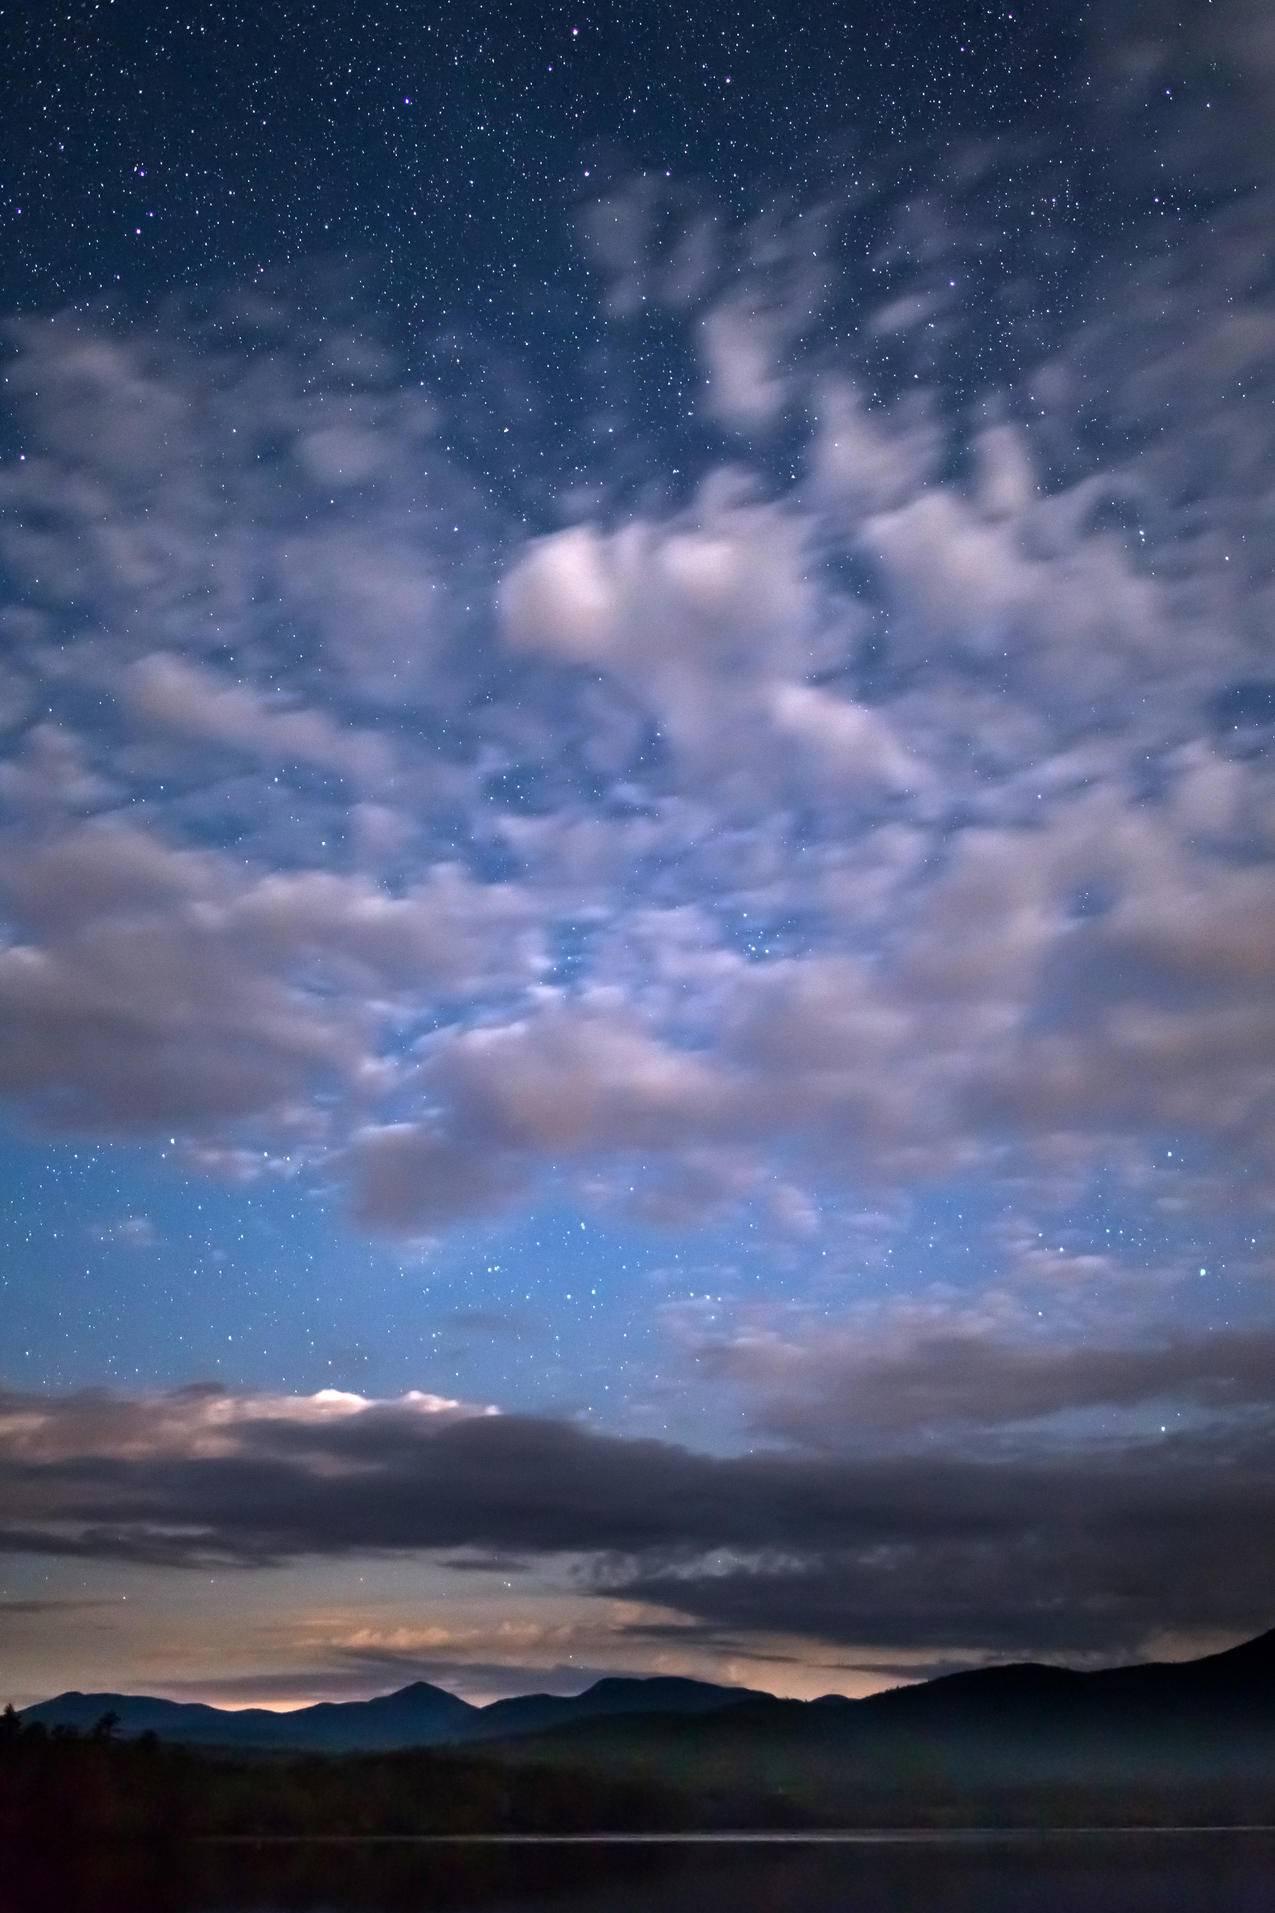 山,自然,天空,夜晚cc0可商用高清大图